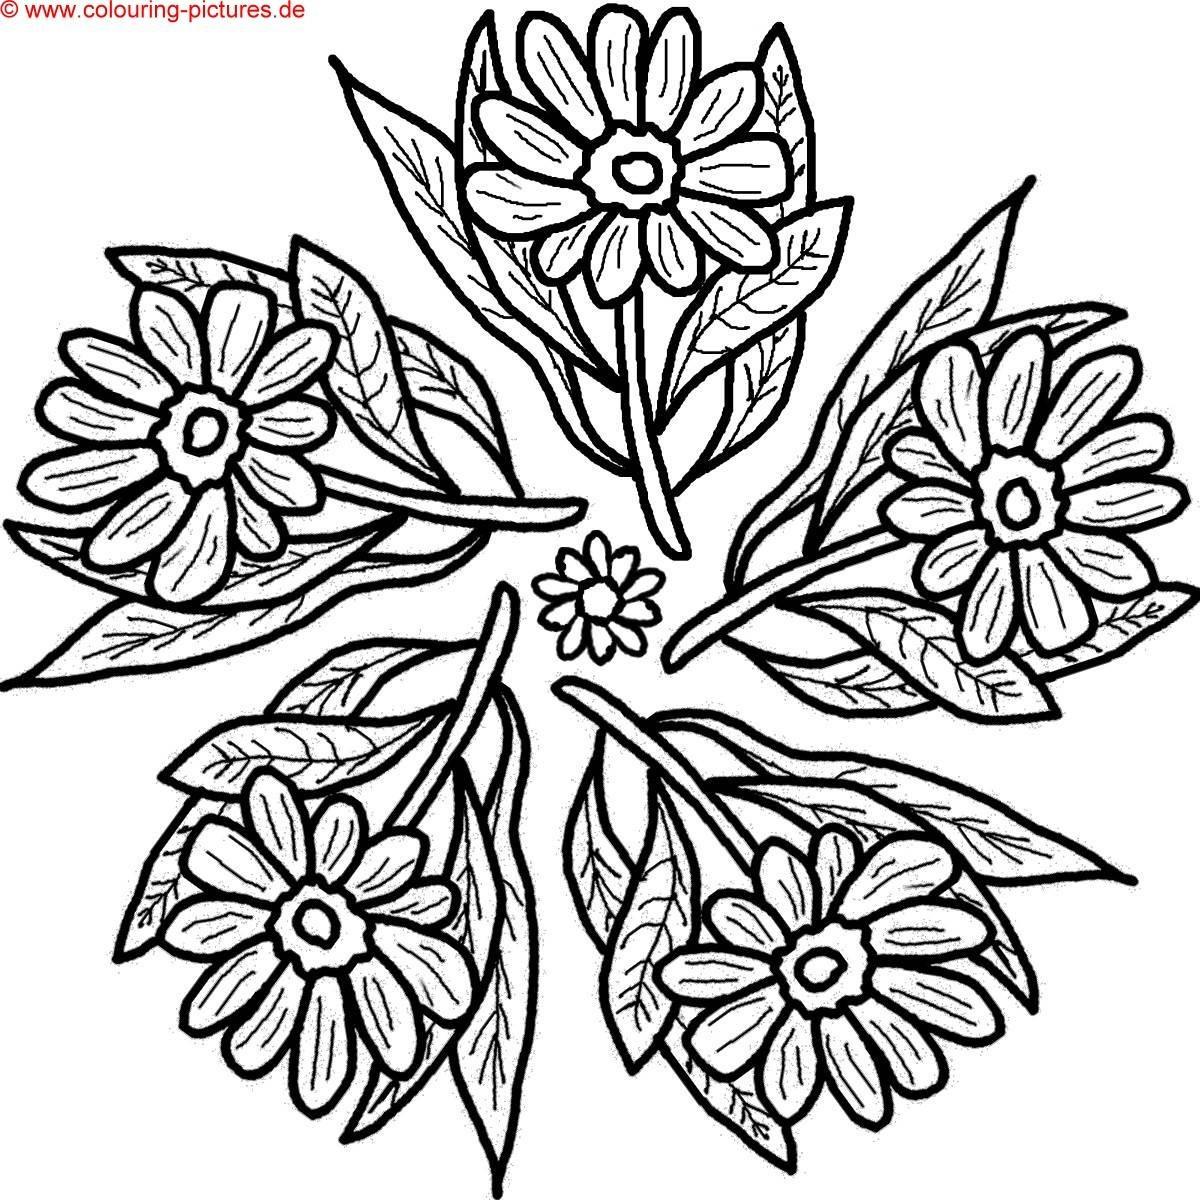 Malvorlage Blumen ornamente Das Beste Von Malvorlagen ornamente Kostenlos Genial Ausmalbilder Blumen Ranken Galerie